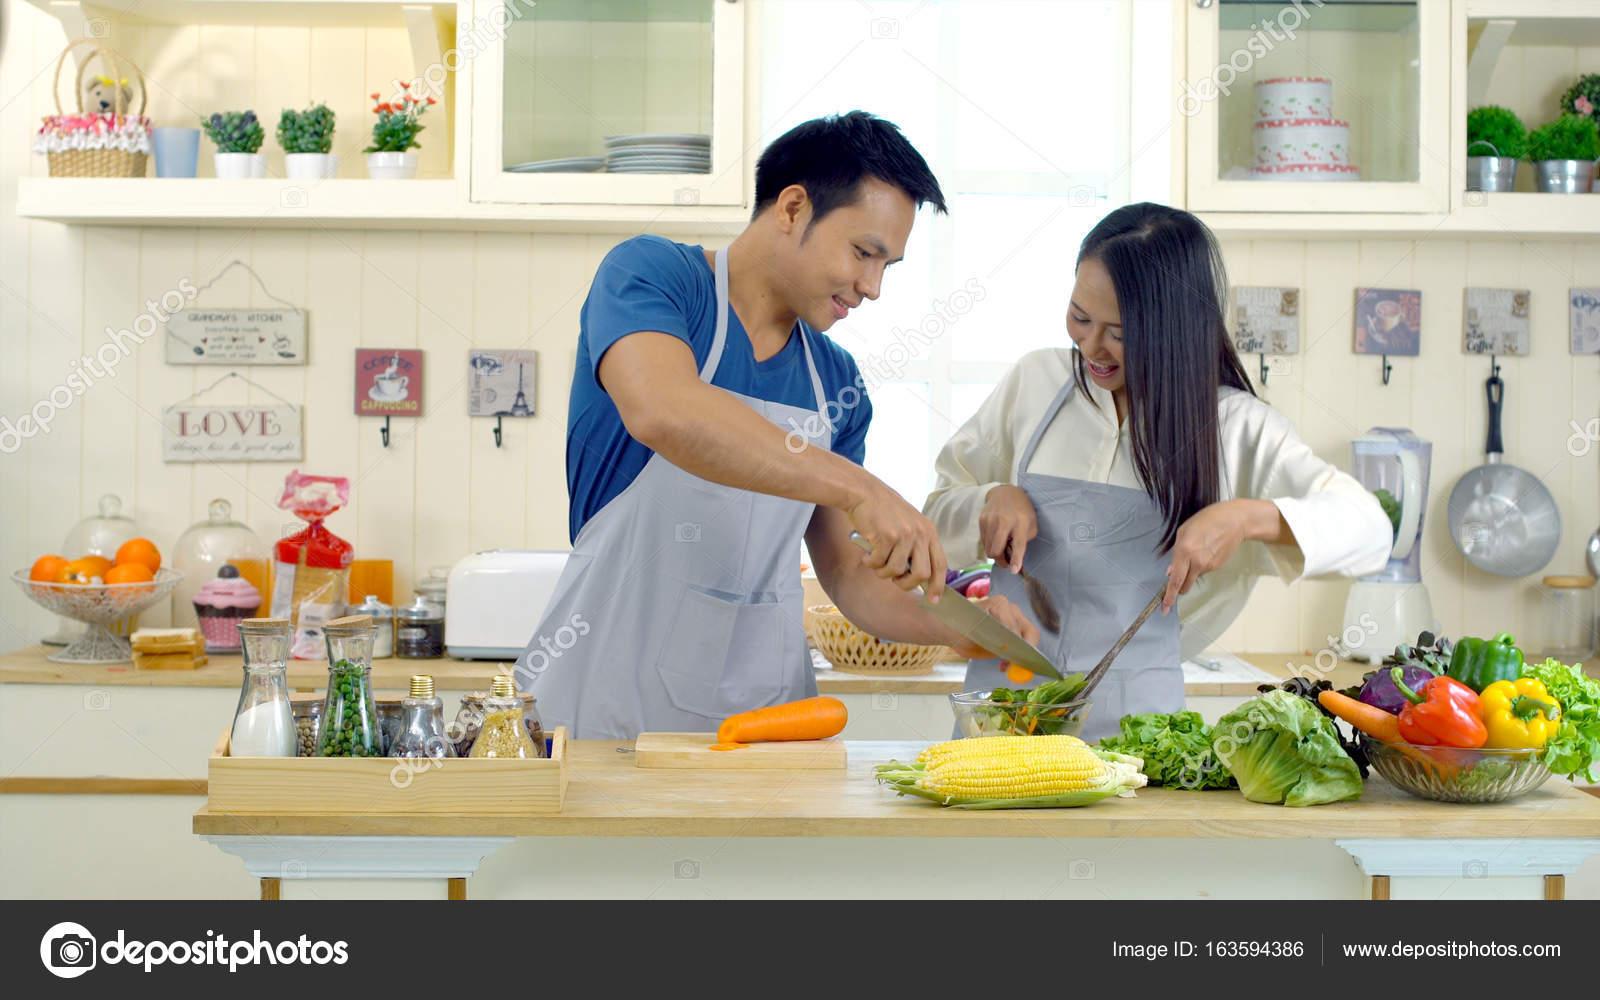 Junge Asiatische Paar Sind Beim Kochen In Der Kuche Hanseleien